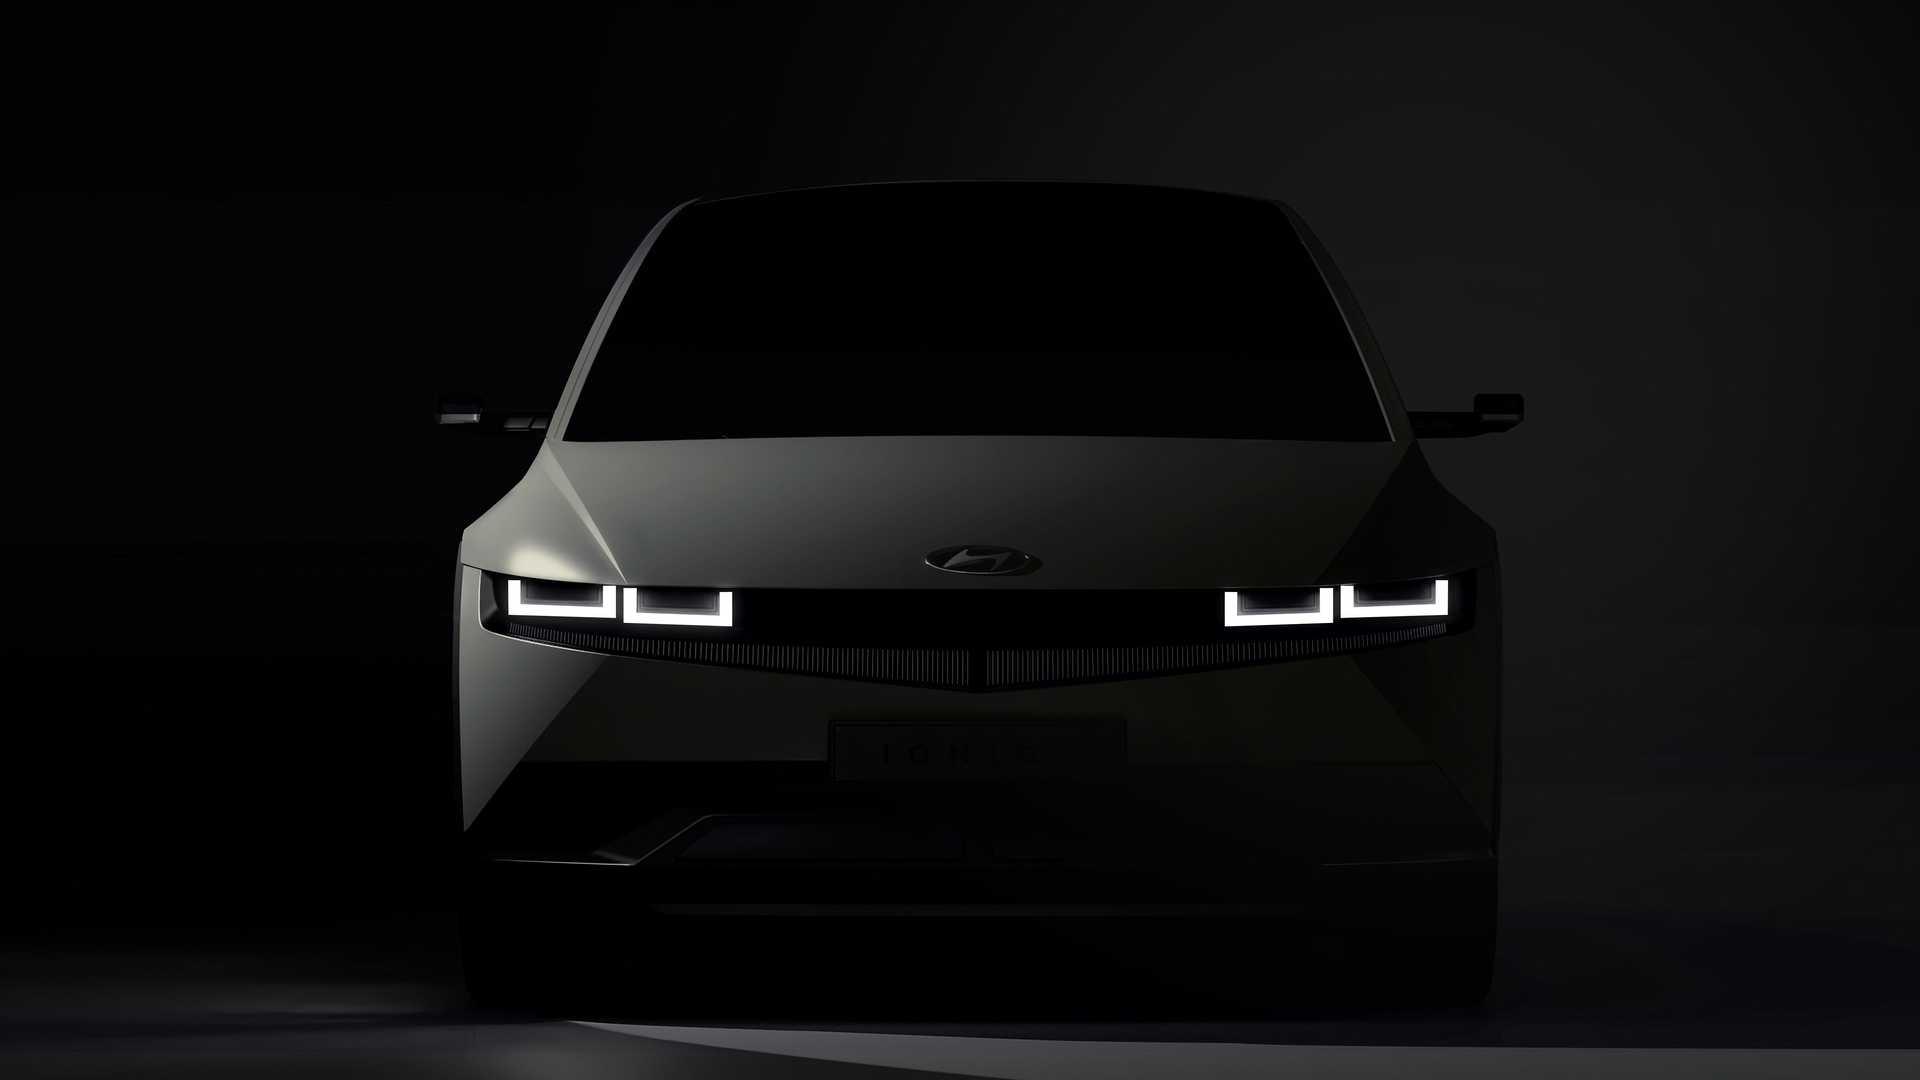 Hyundai показала тизеры электрического кроссовера IONIQ 5 с угловатым дизайном и сверхбыстрой зарядкой